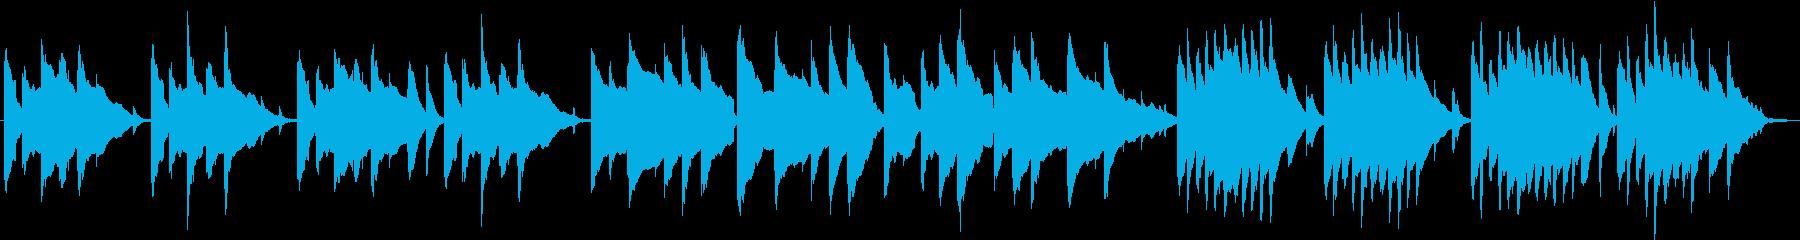 ほのぼのした場面などに使える短い曲の再生済みの波形